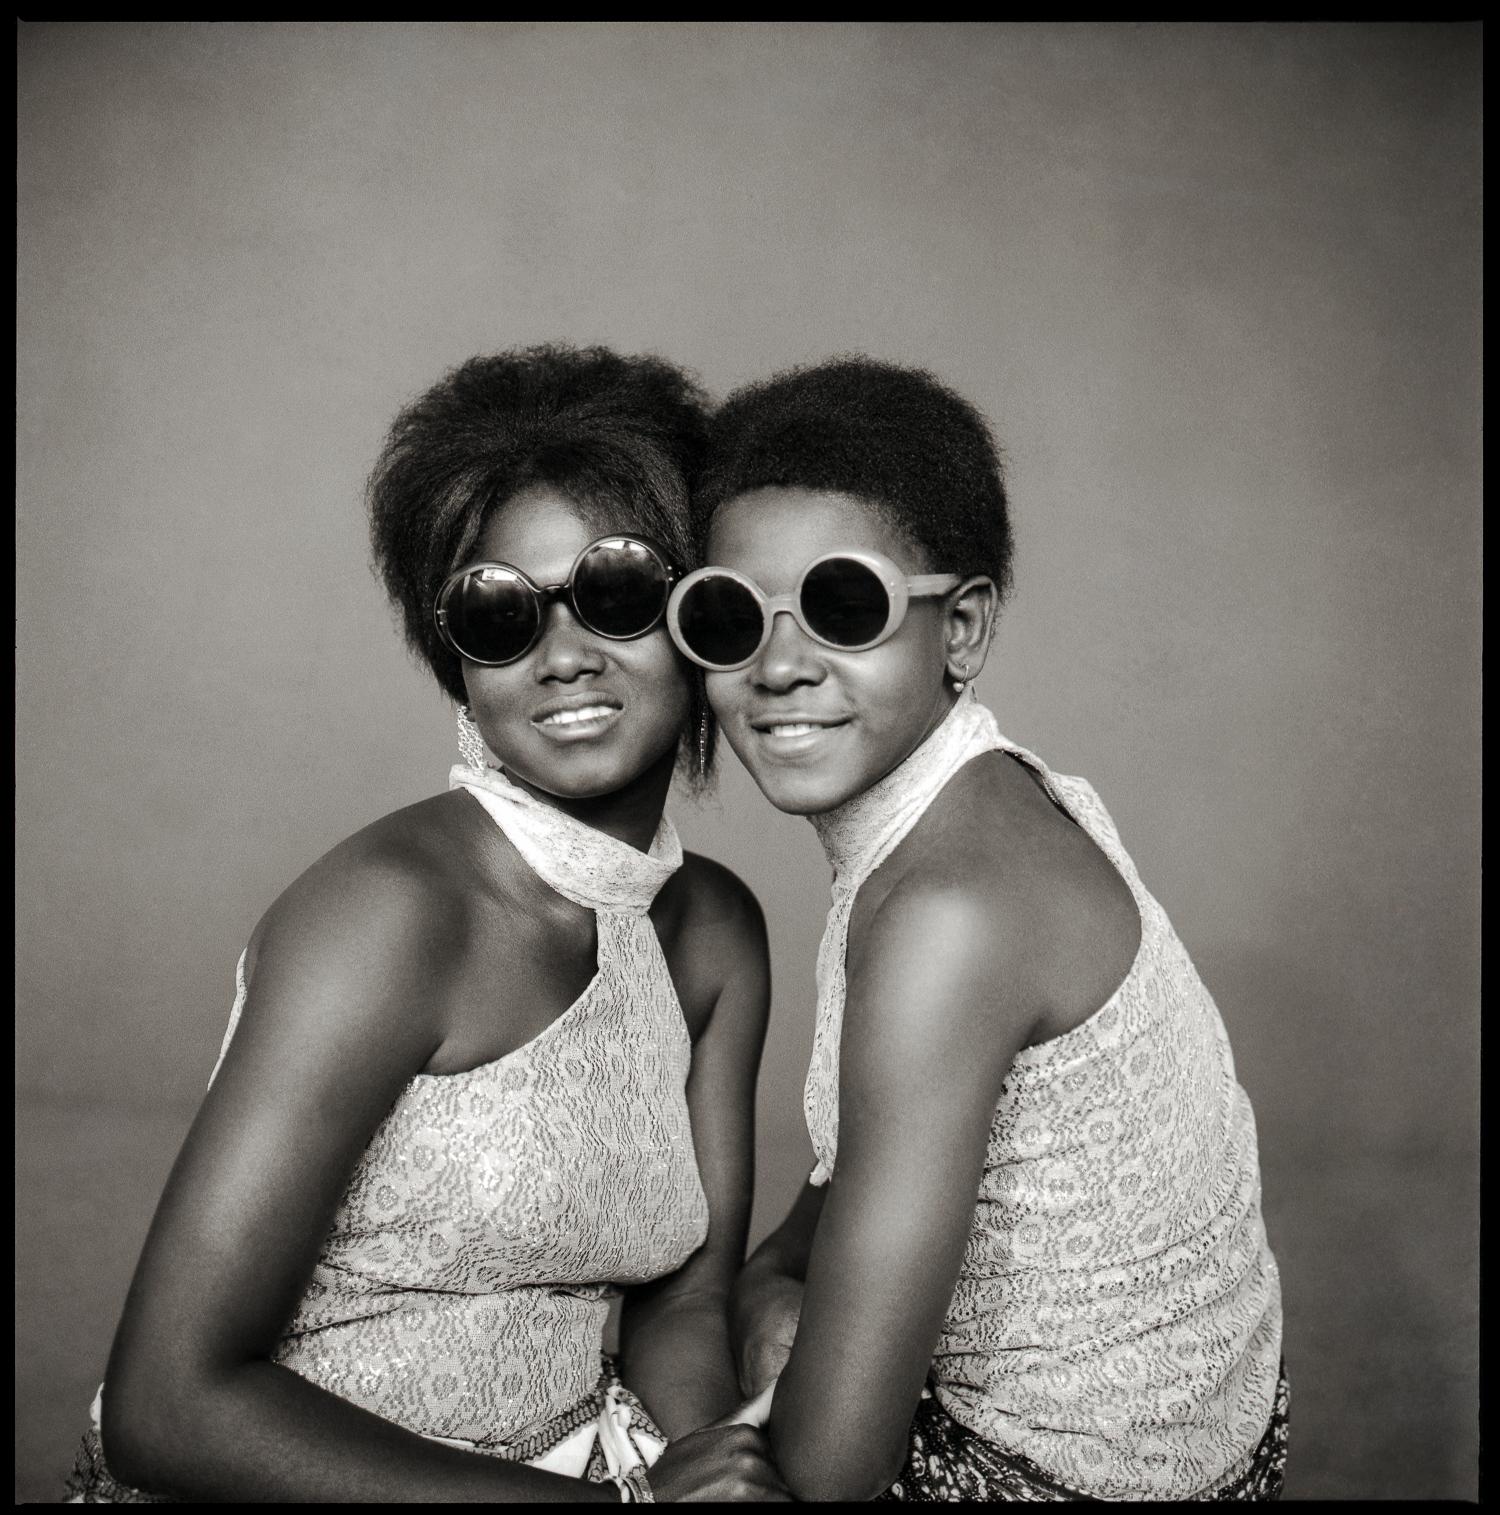 © photo, Abdourahmane Sakaly, 'Deux jeunes filles yé-yé aux lunettes', Bamako vers 1965